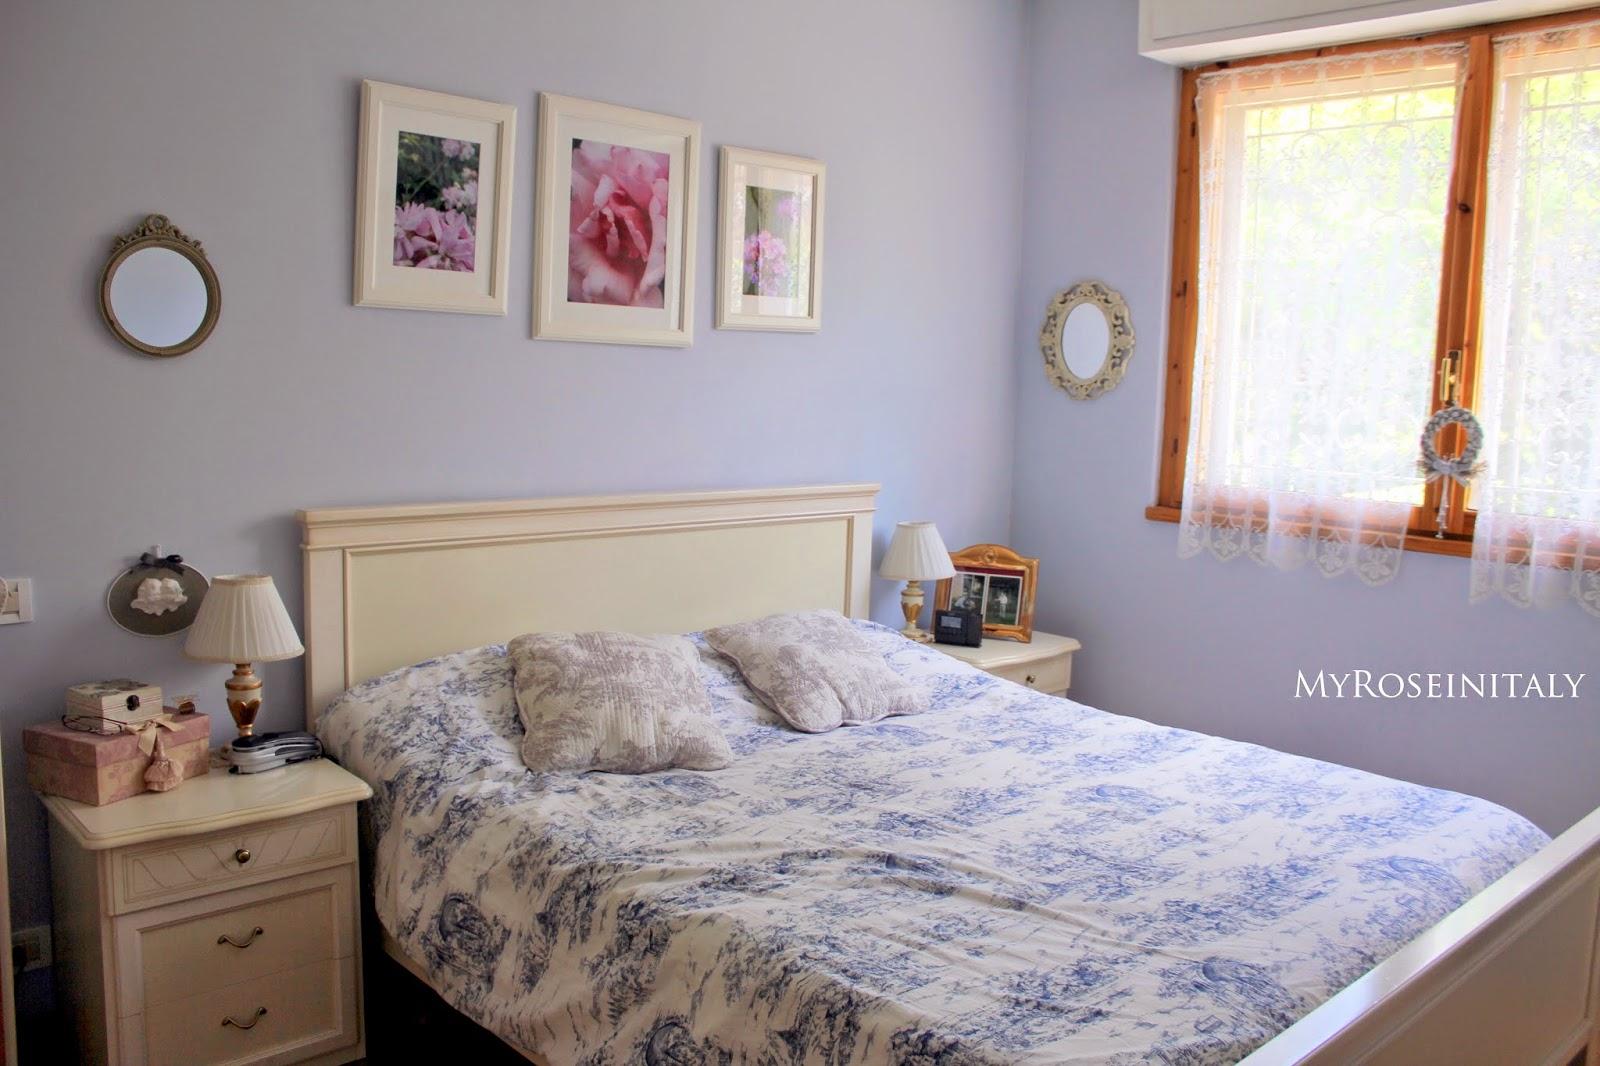 Rinnovare Mobili Camera Da Letto : My roseinitaly rinnovare casa oggi si comincia dalla camera da